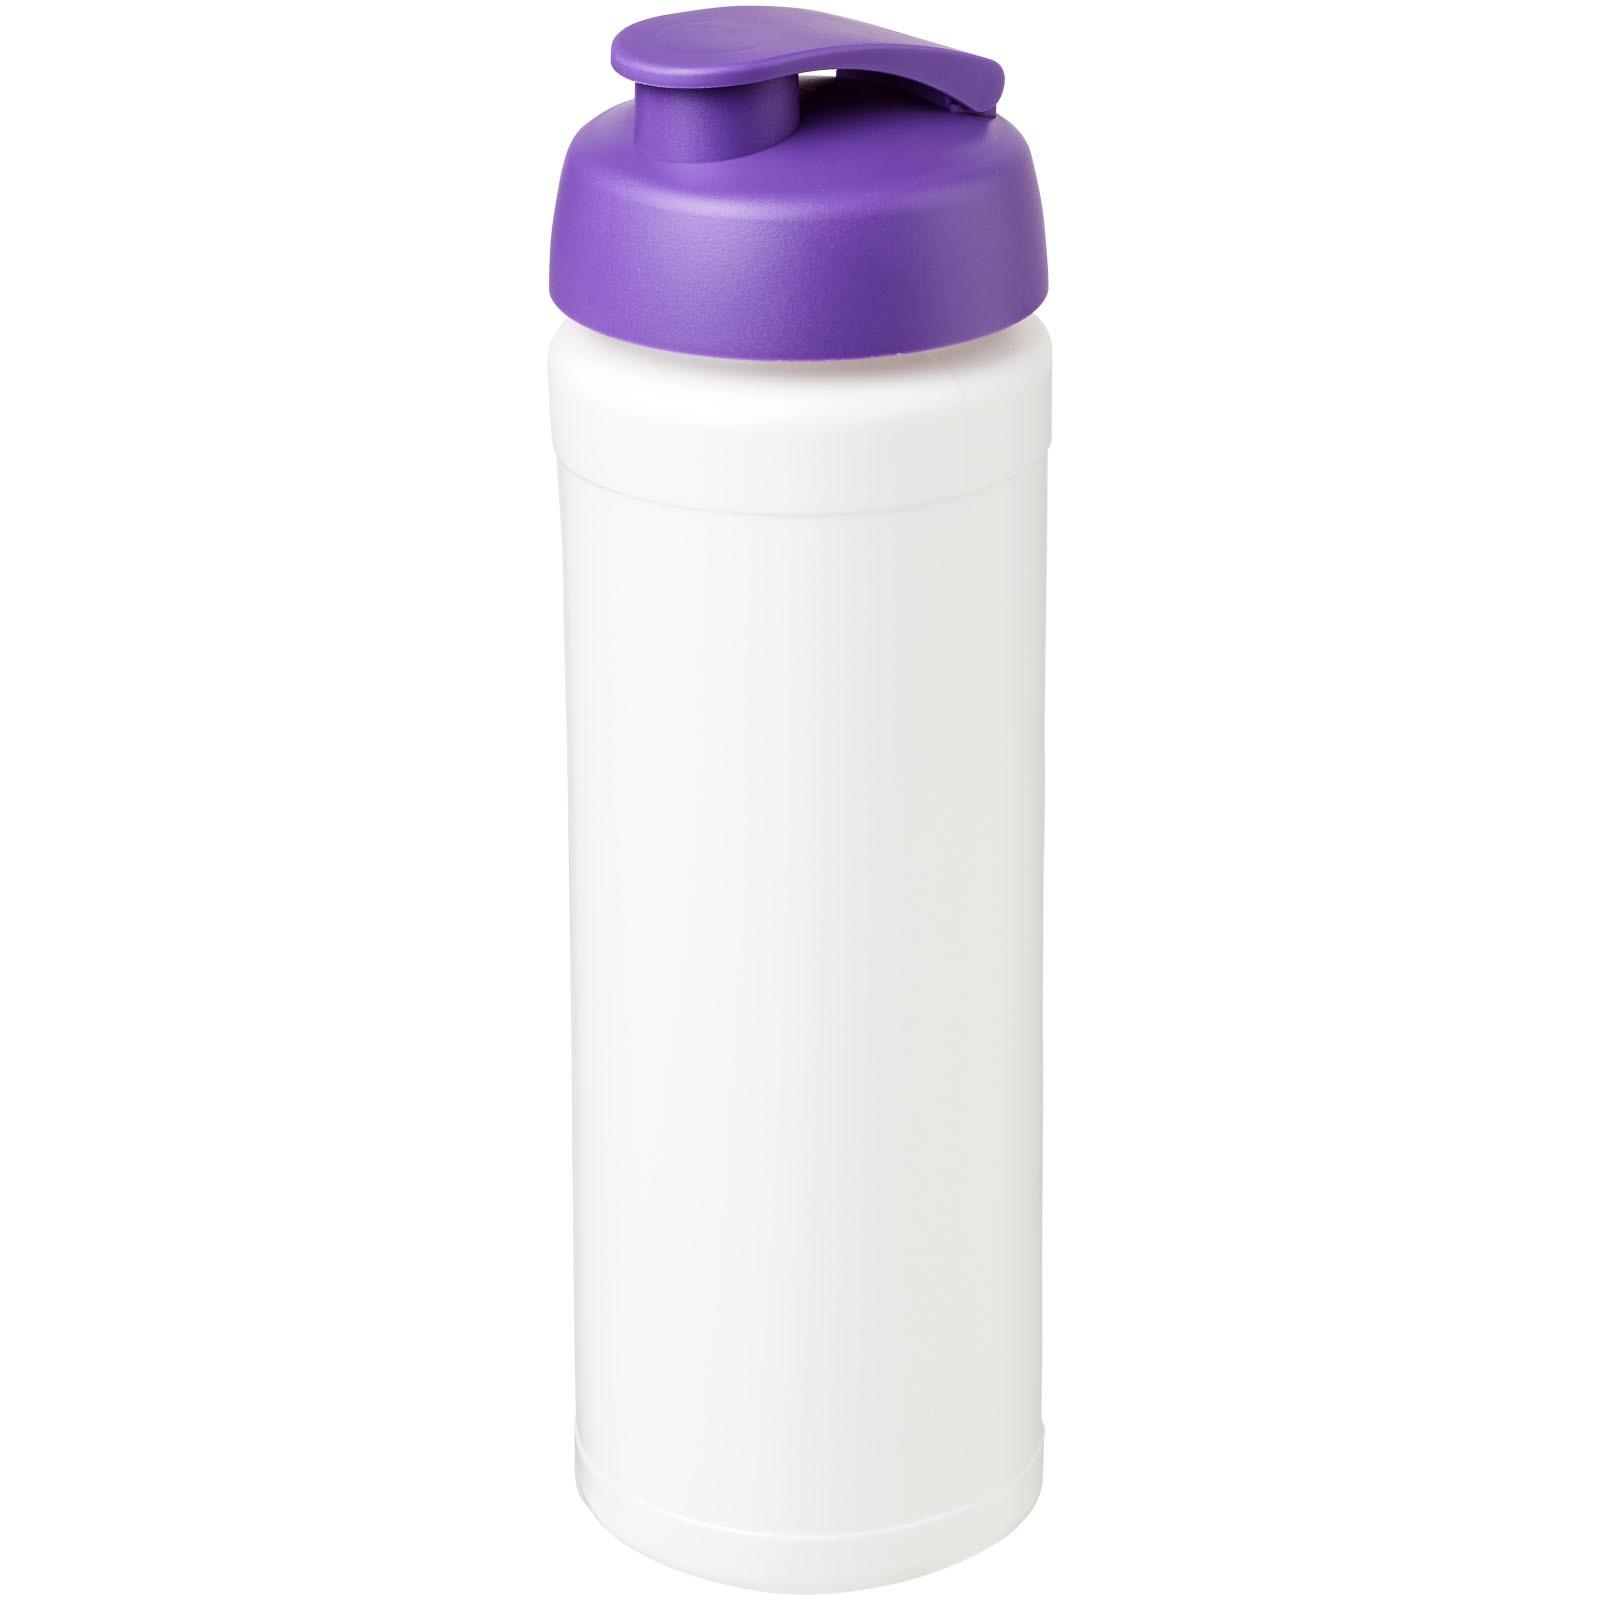 Baseline® Plus grip 750 ml flip lid sport bottle - White / Purple